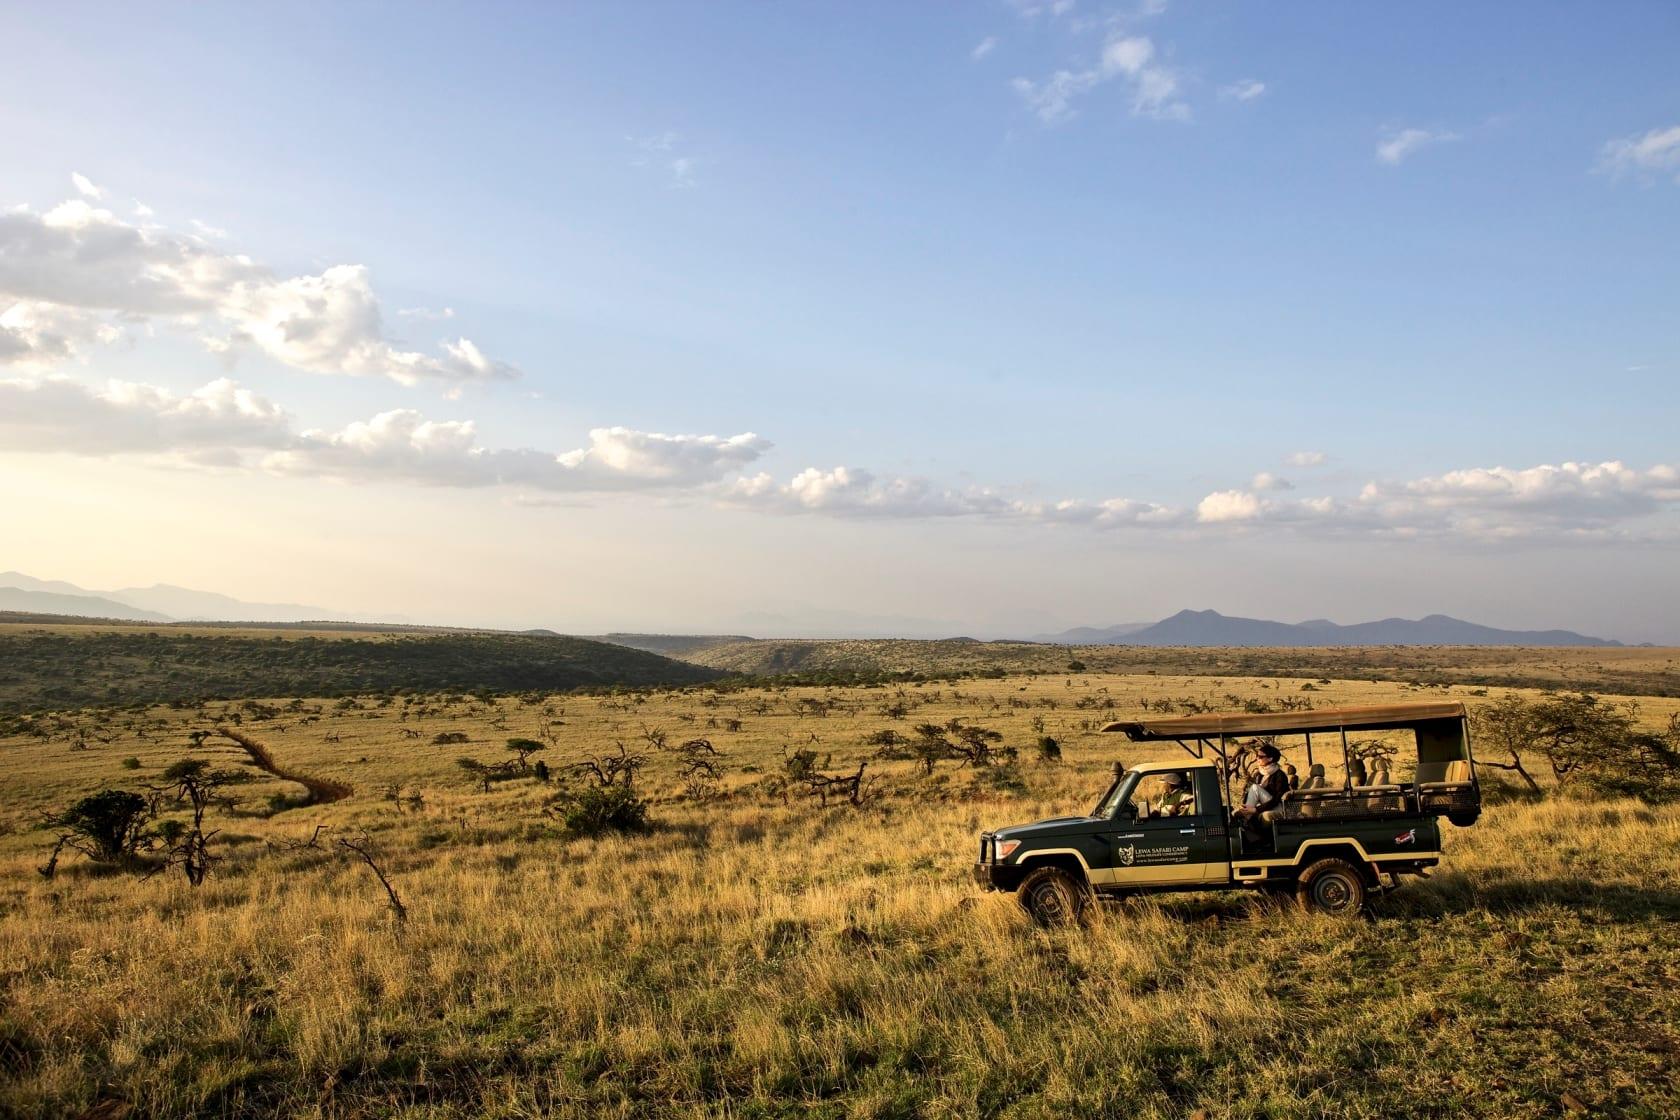 Game drives at Lewa Safari Camp